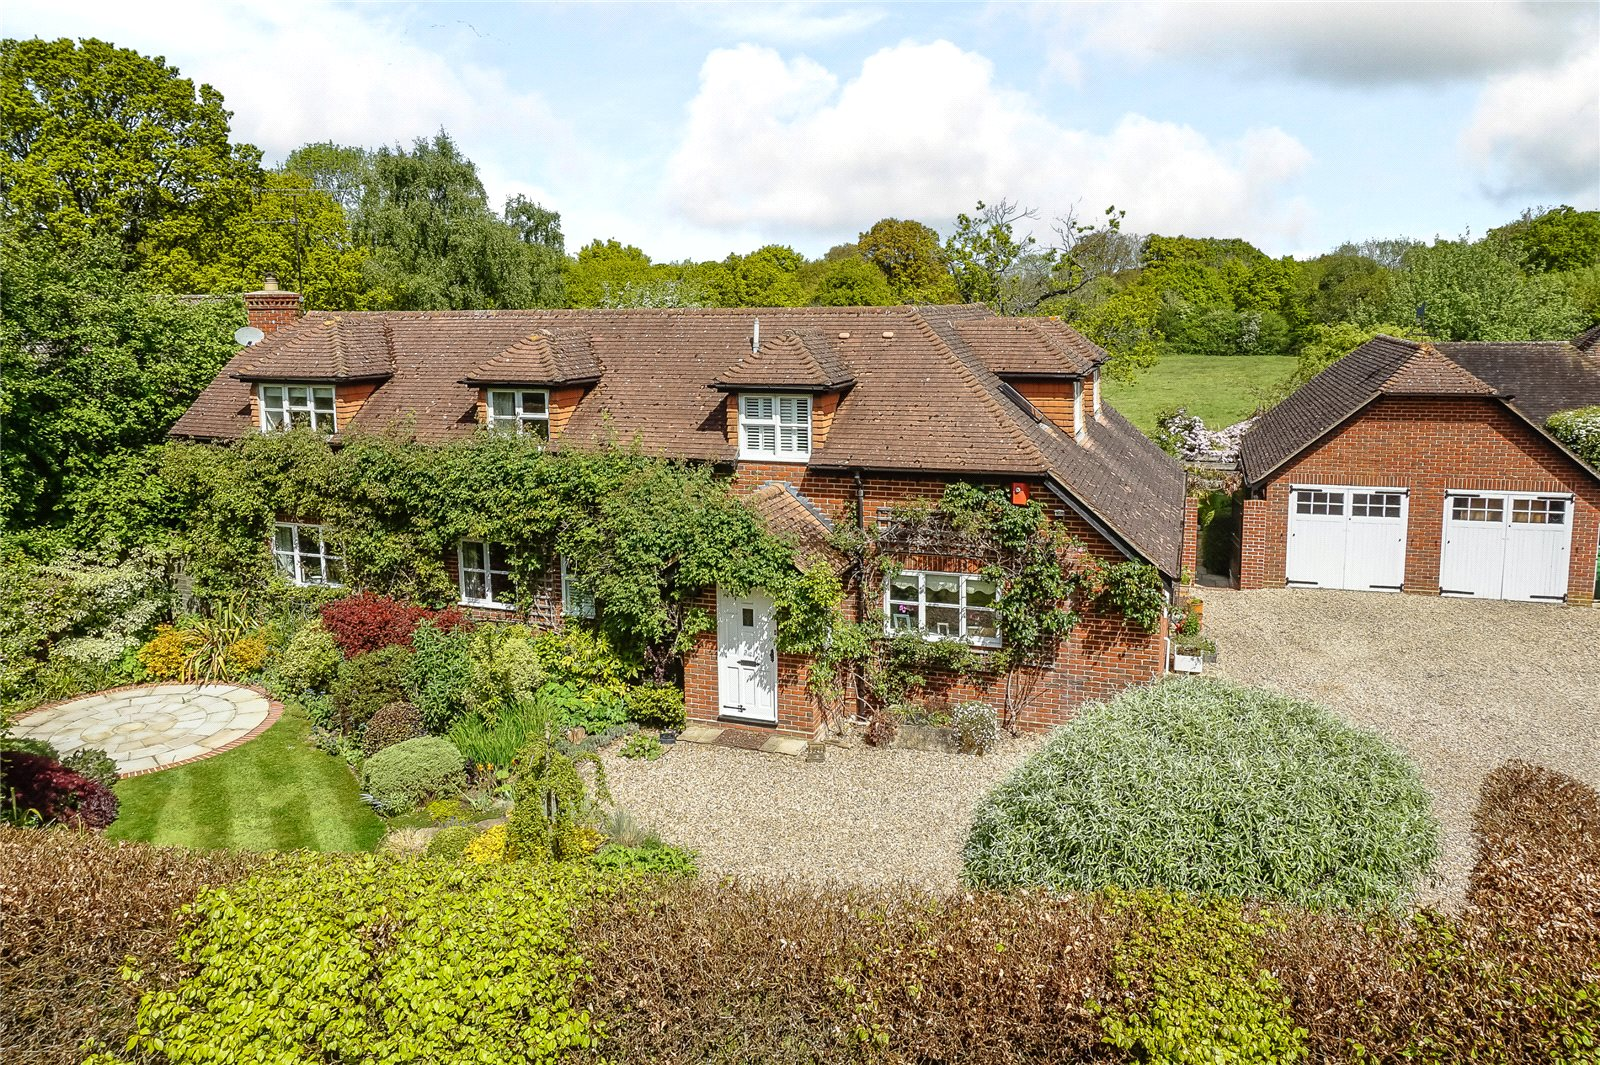 Μονοκατοικία για την Πώληση στο Newnham Road, Newnham, Hook, Hampshire, RG27 Hook, Αγγλια